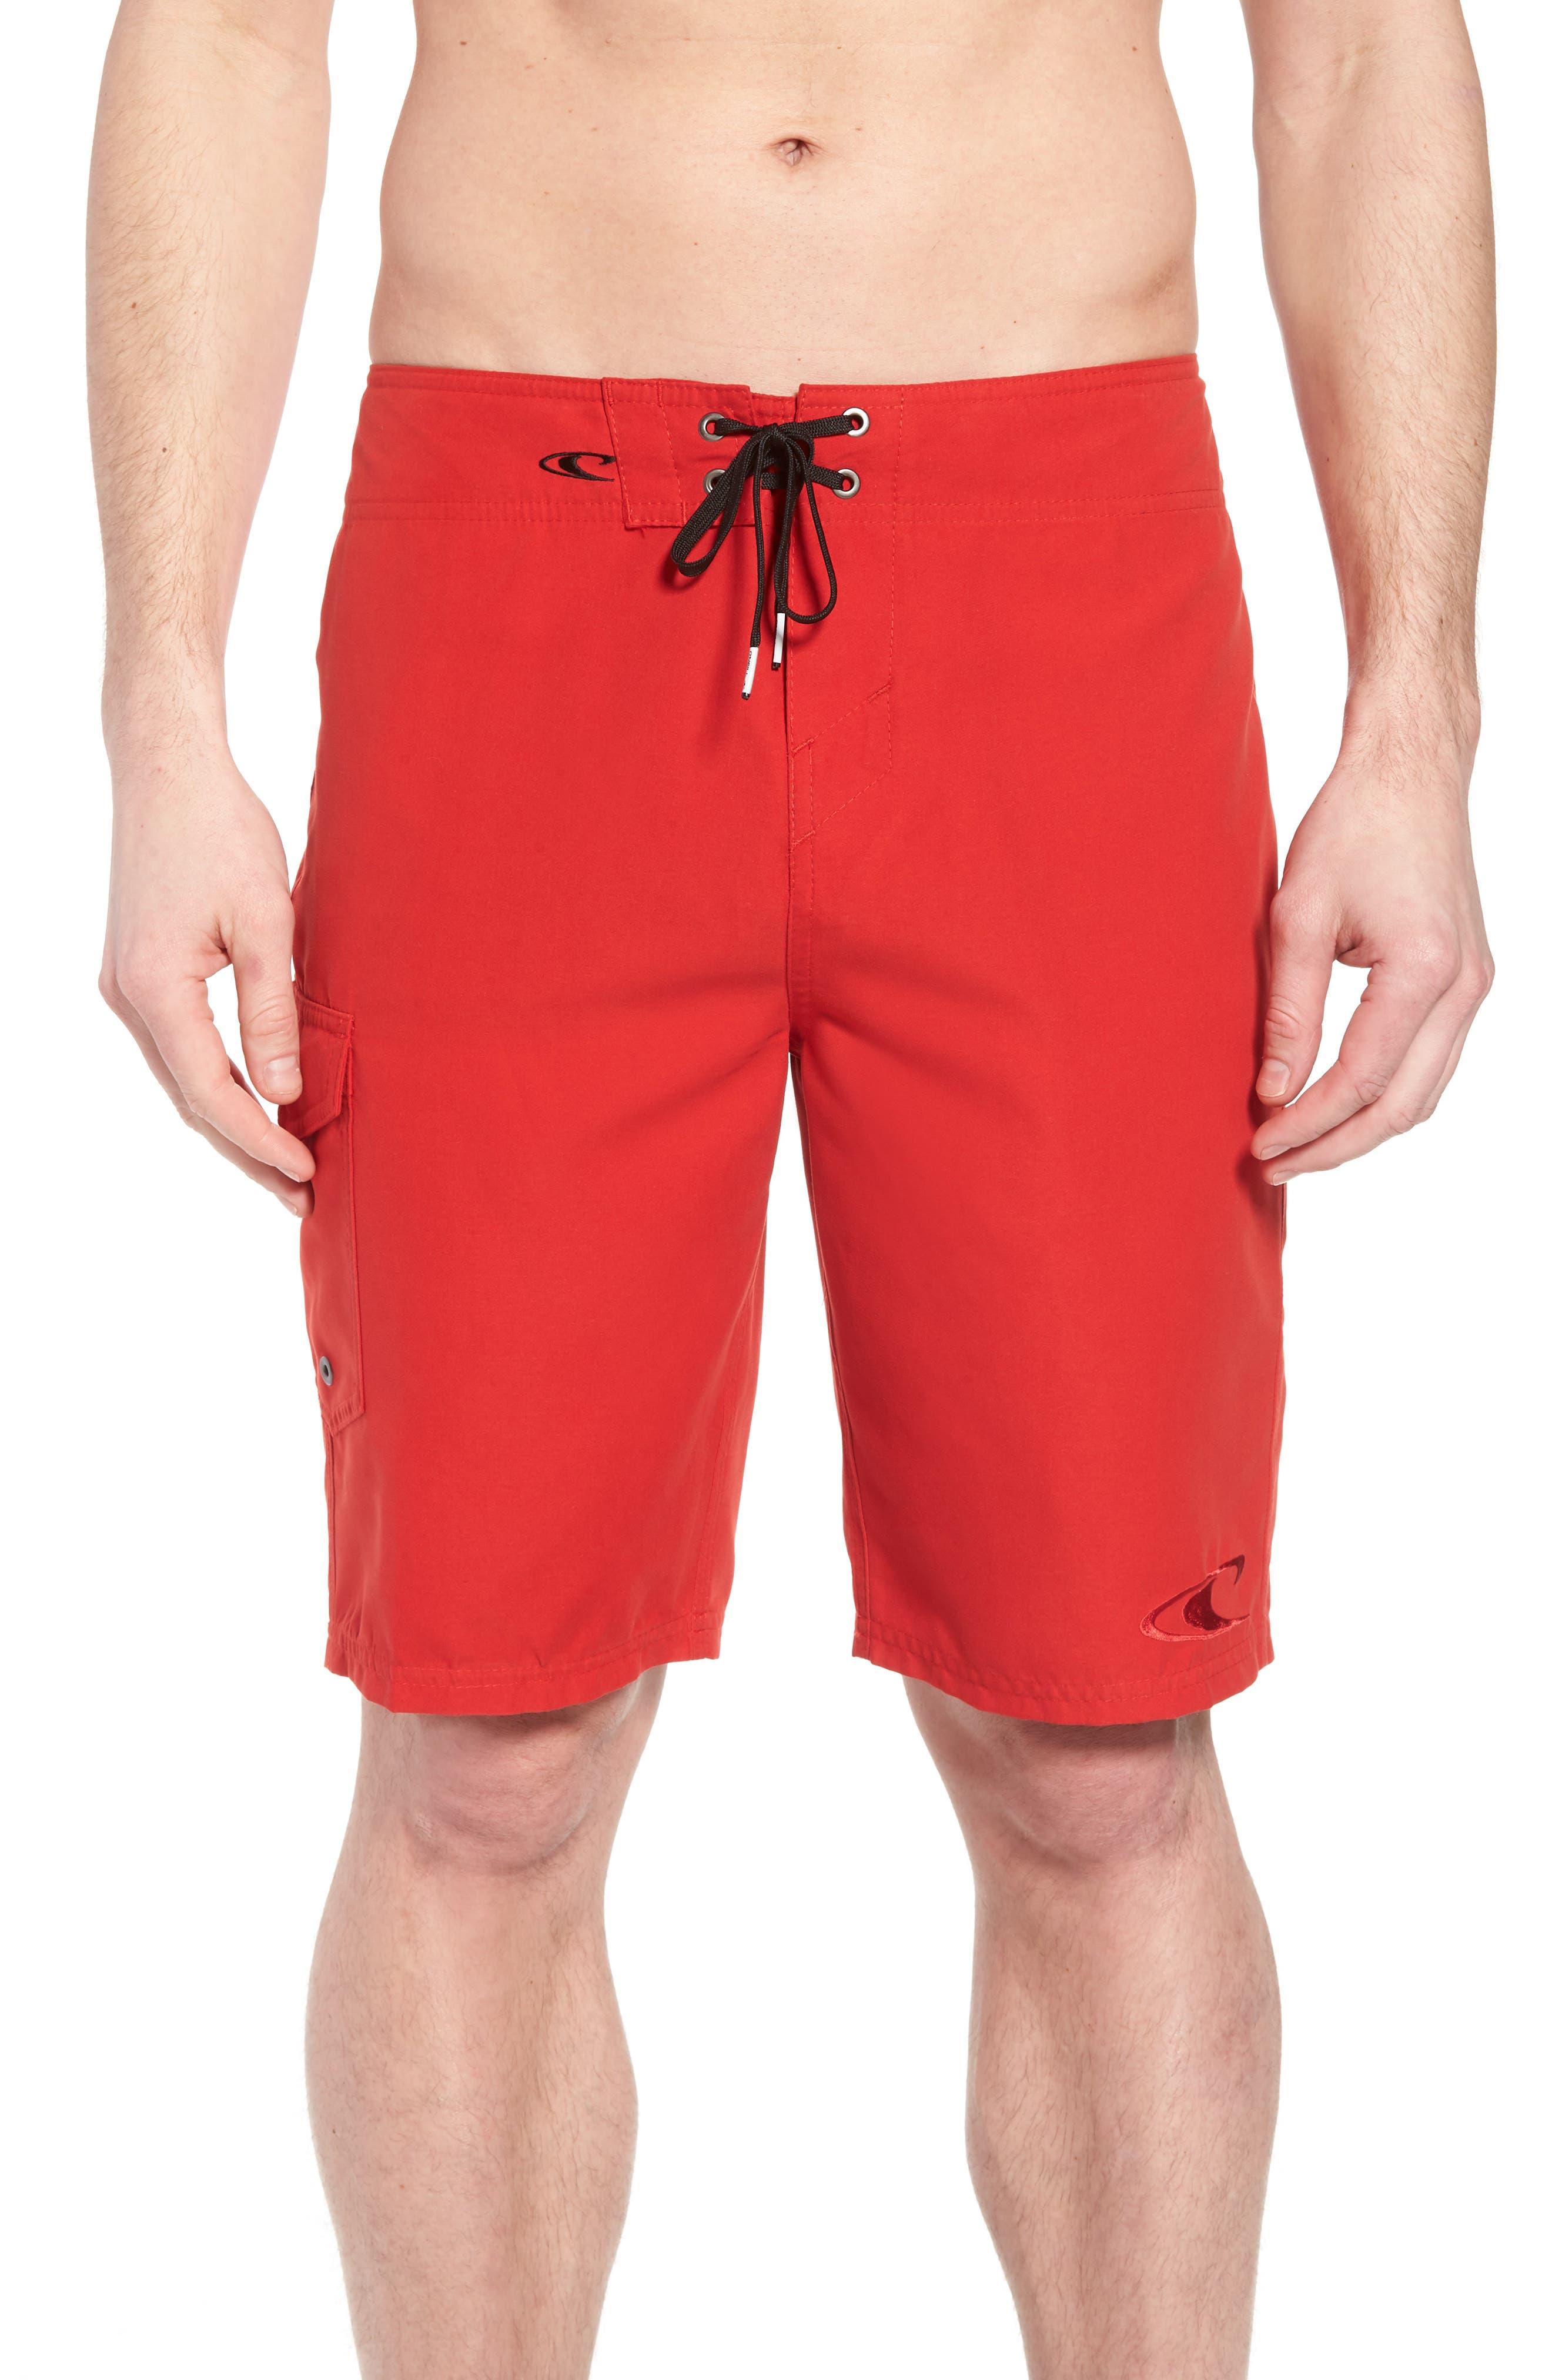 Santa Cruz Board Shorts,                             Main thumbnail 1, color,                             Red